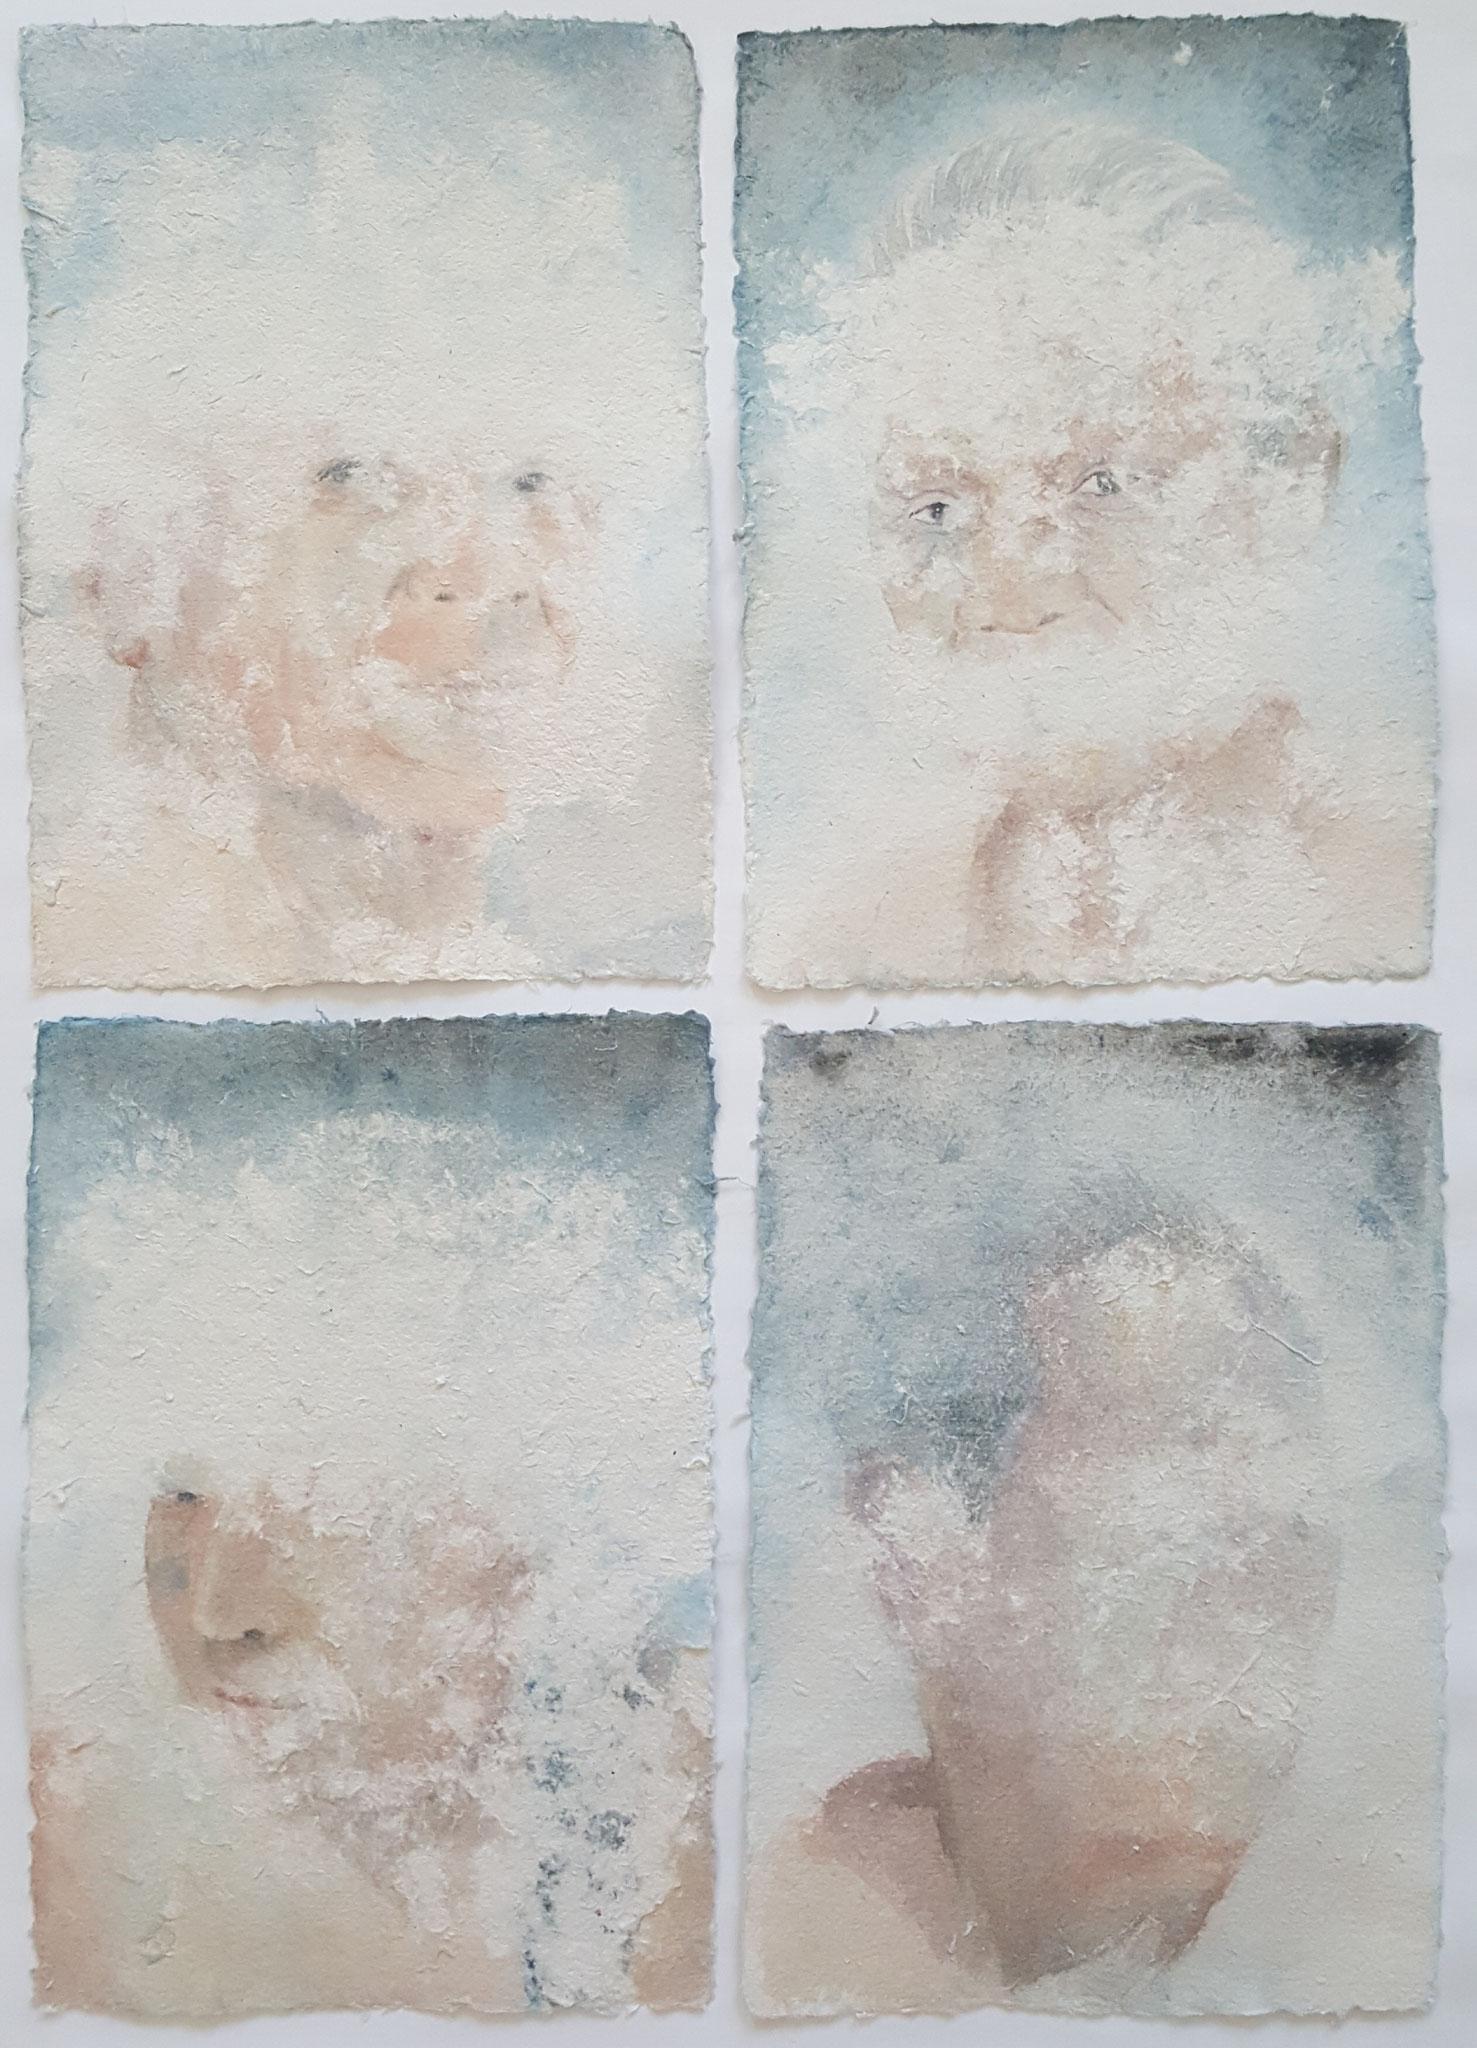 Des-aparecidos XIX, 2018, Polyptichon á 20 x 30 cm, Aquarell auf Papier